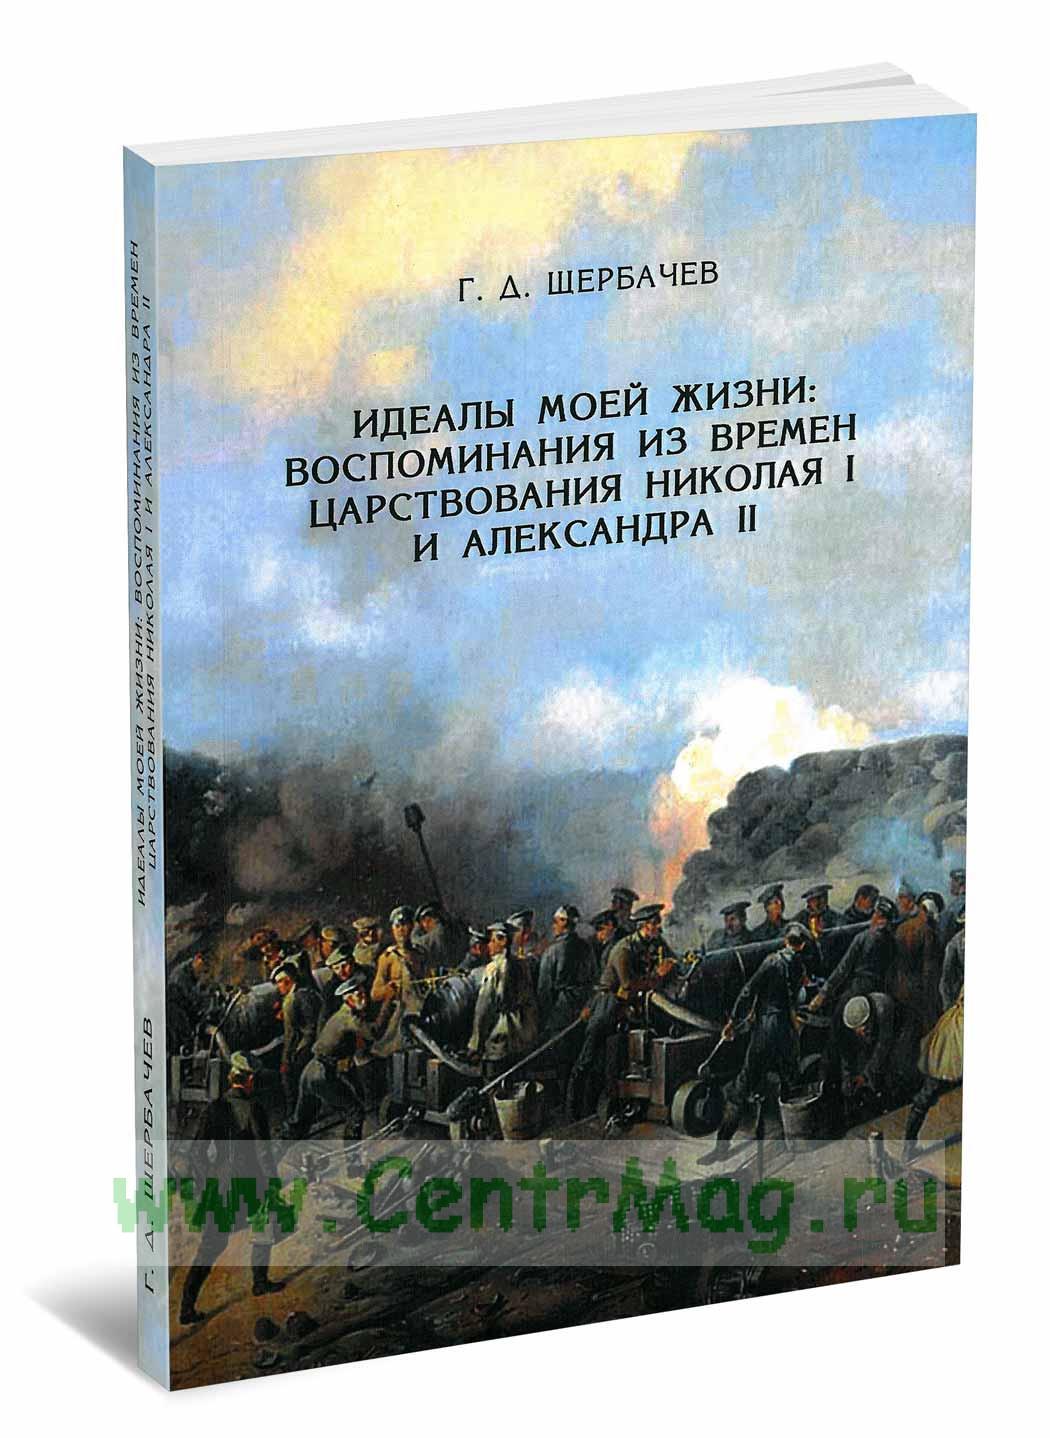 Идеалы моей жизни: воспоминания из времен царствований императоров Николая I и  Александра II